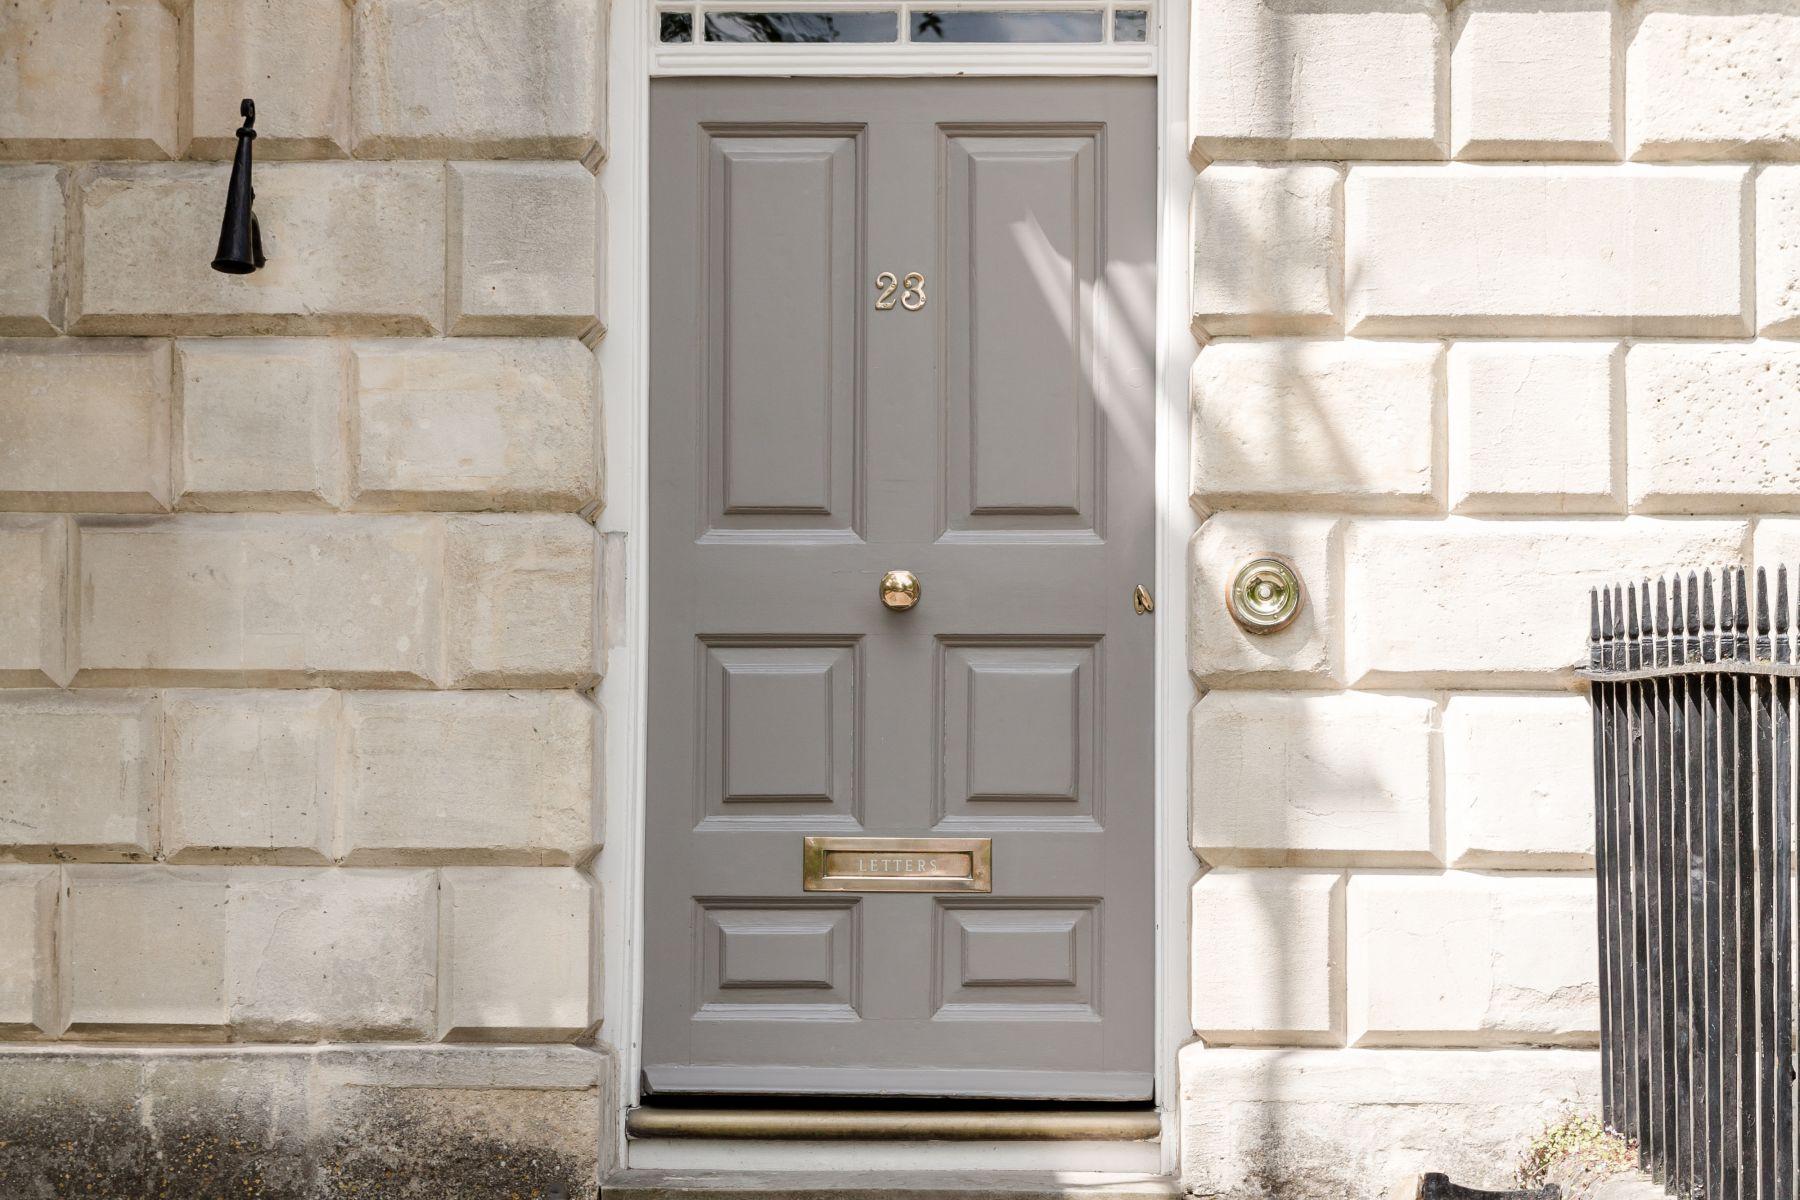 Panel main solid wood door hpd113 main doors al habib panel - Panel Main Solid Wood Door Hpd113 Main Doors Al Habib Panel Doors